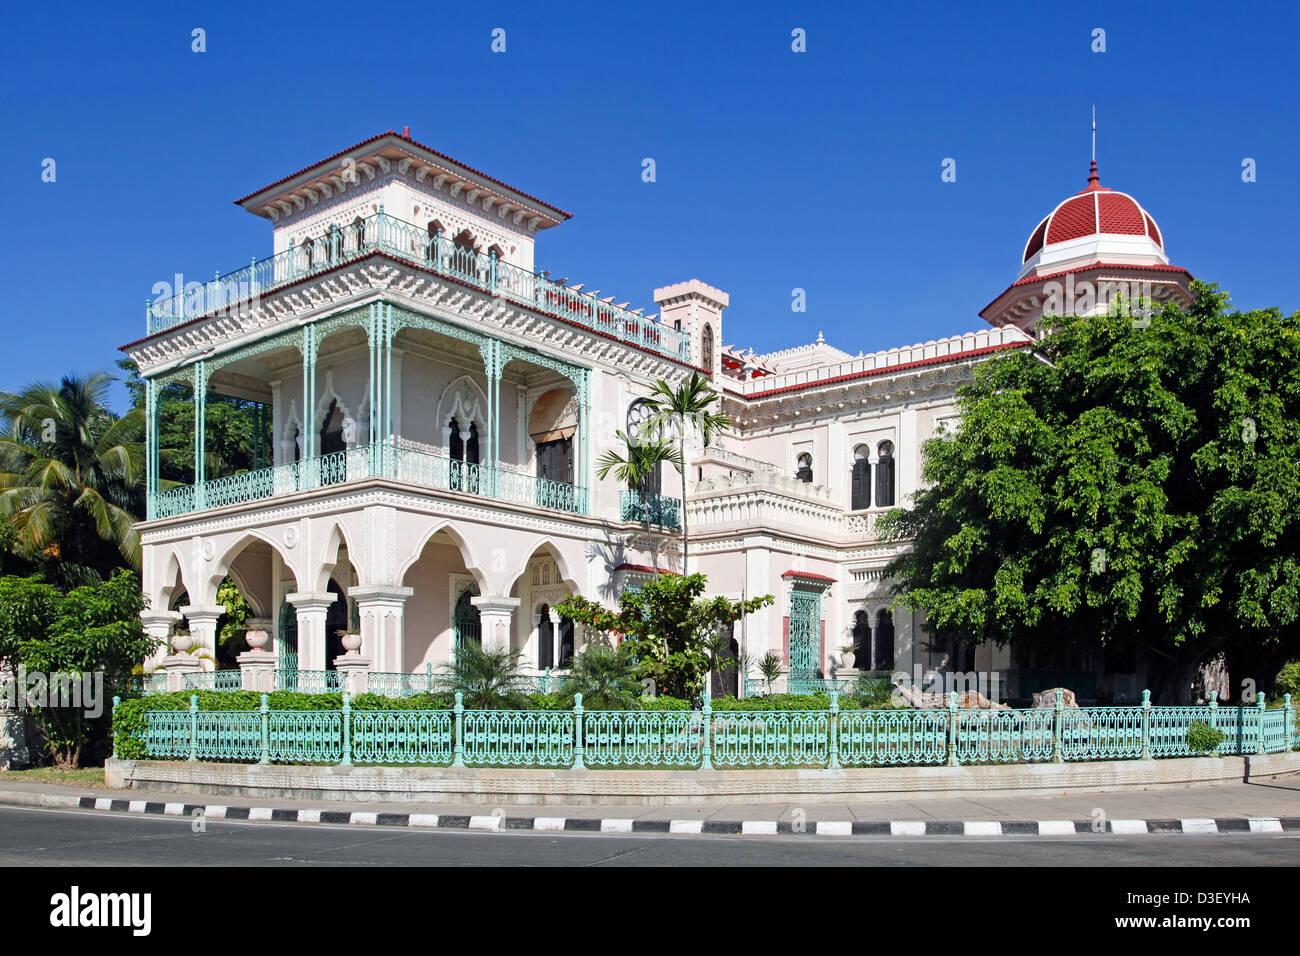 Palacio de Valle / Valle's Palace in Punta Gorda in neo-gothic style, Cienfuegos, Cuba, Caribbean - Stock Image